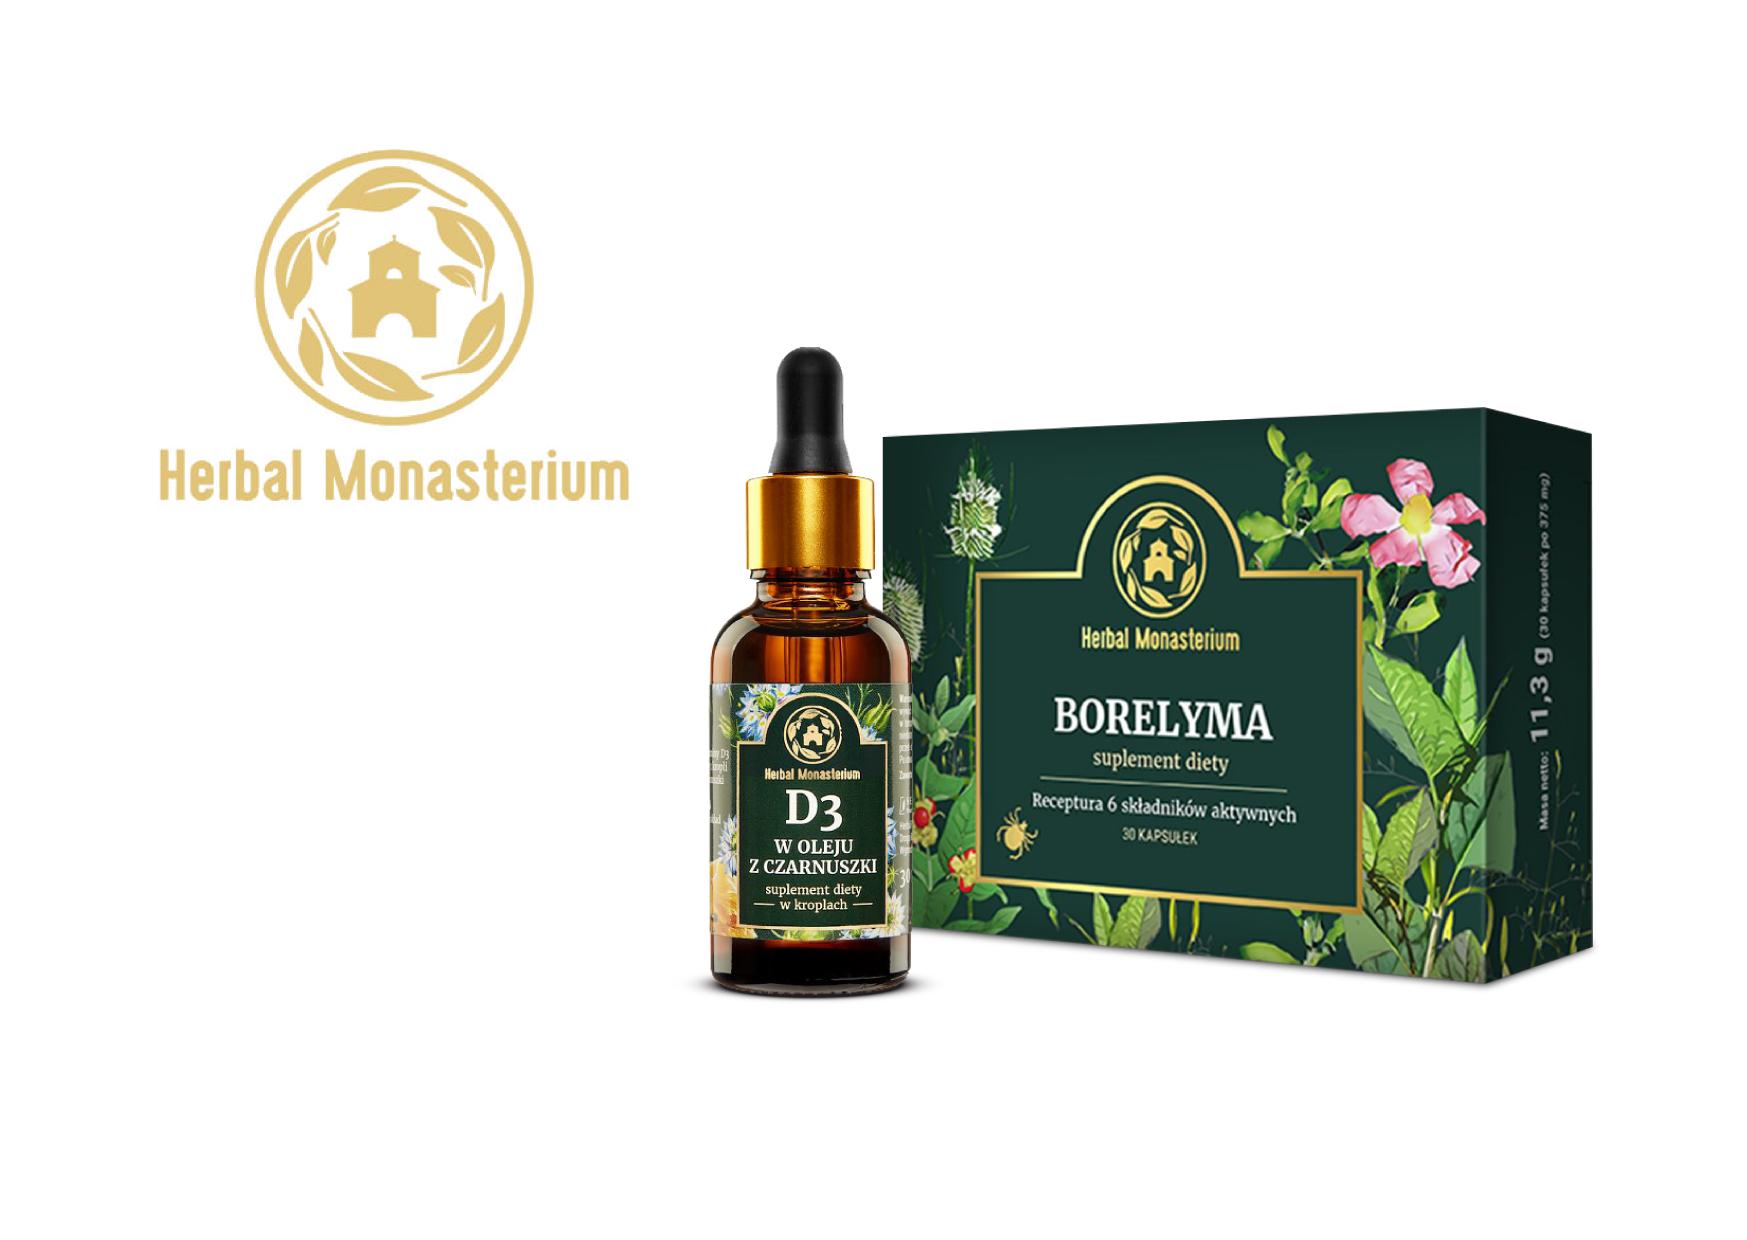 Laur Konsumenta dla Herbal Monasterium